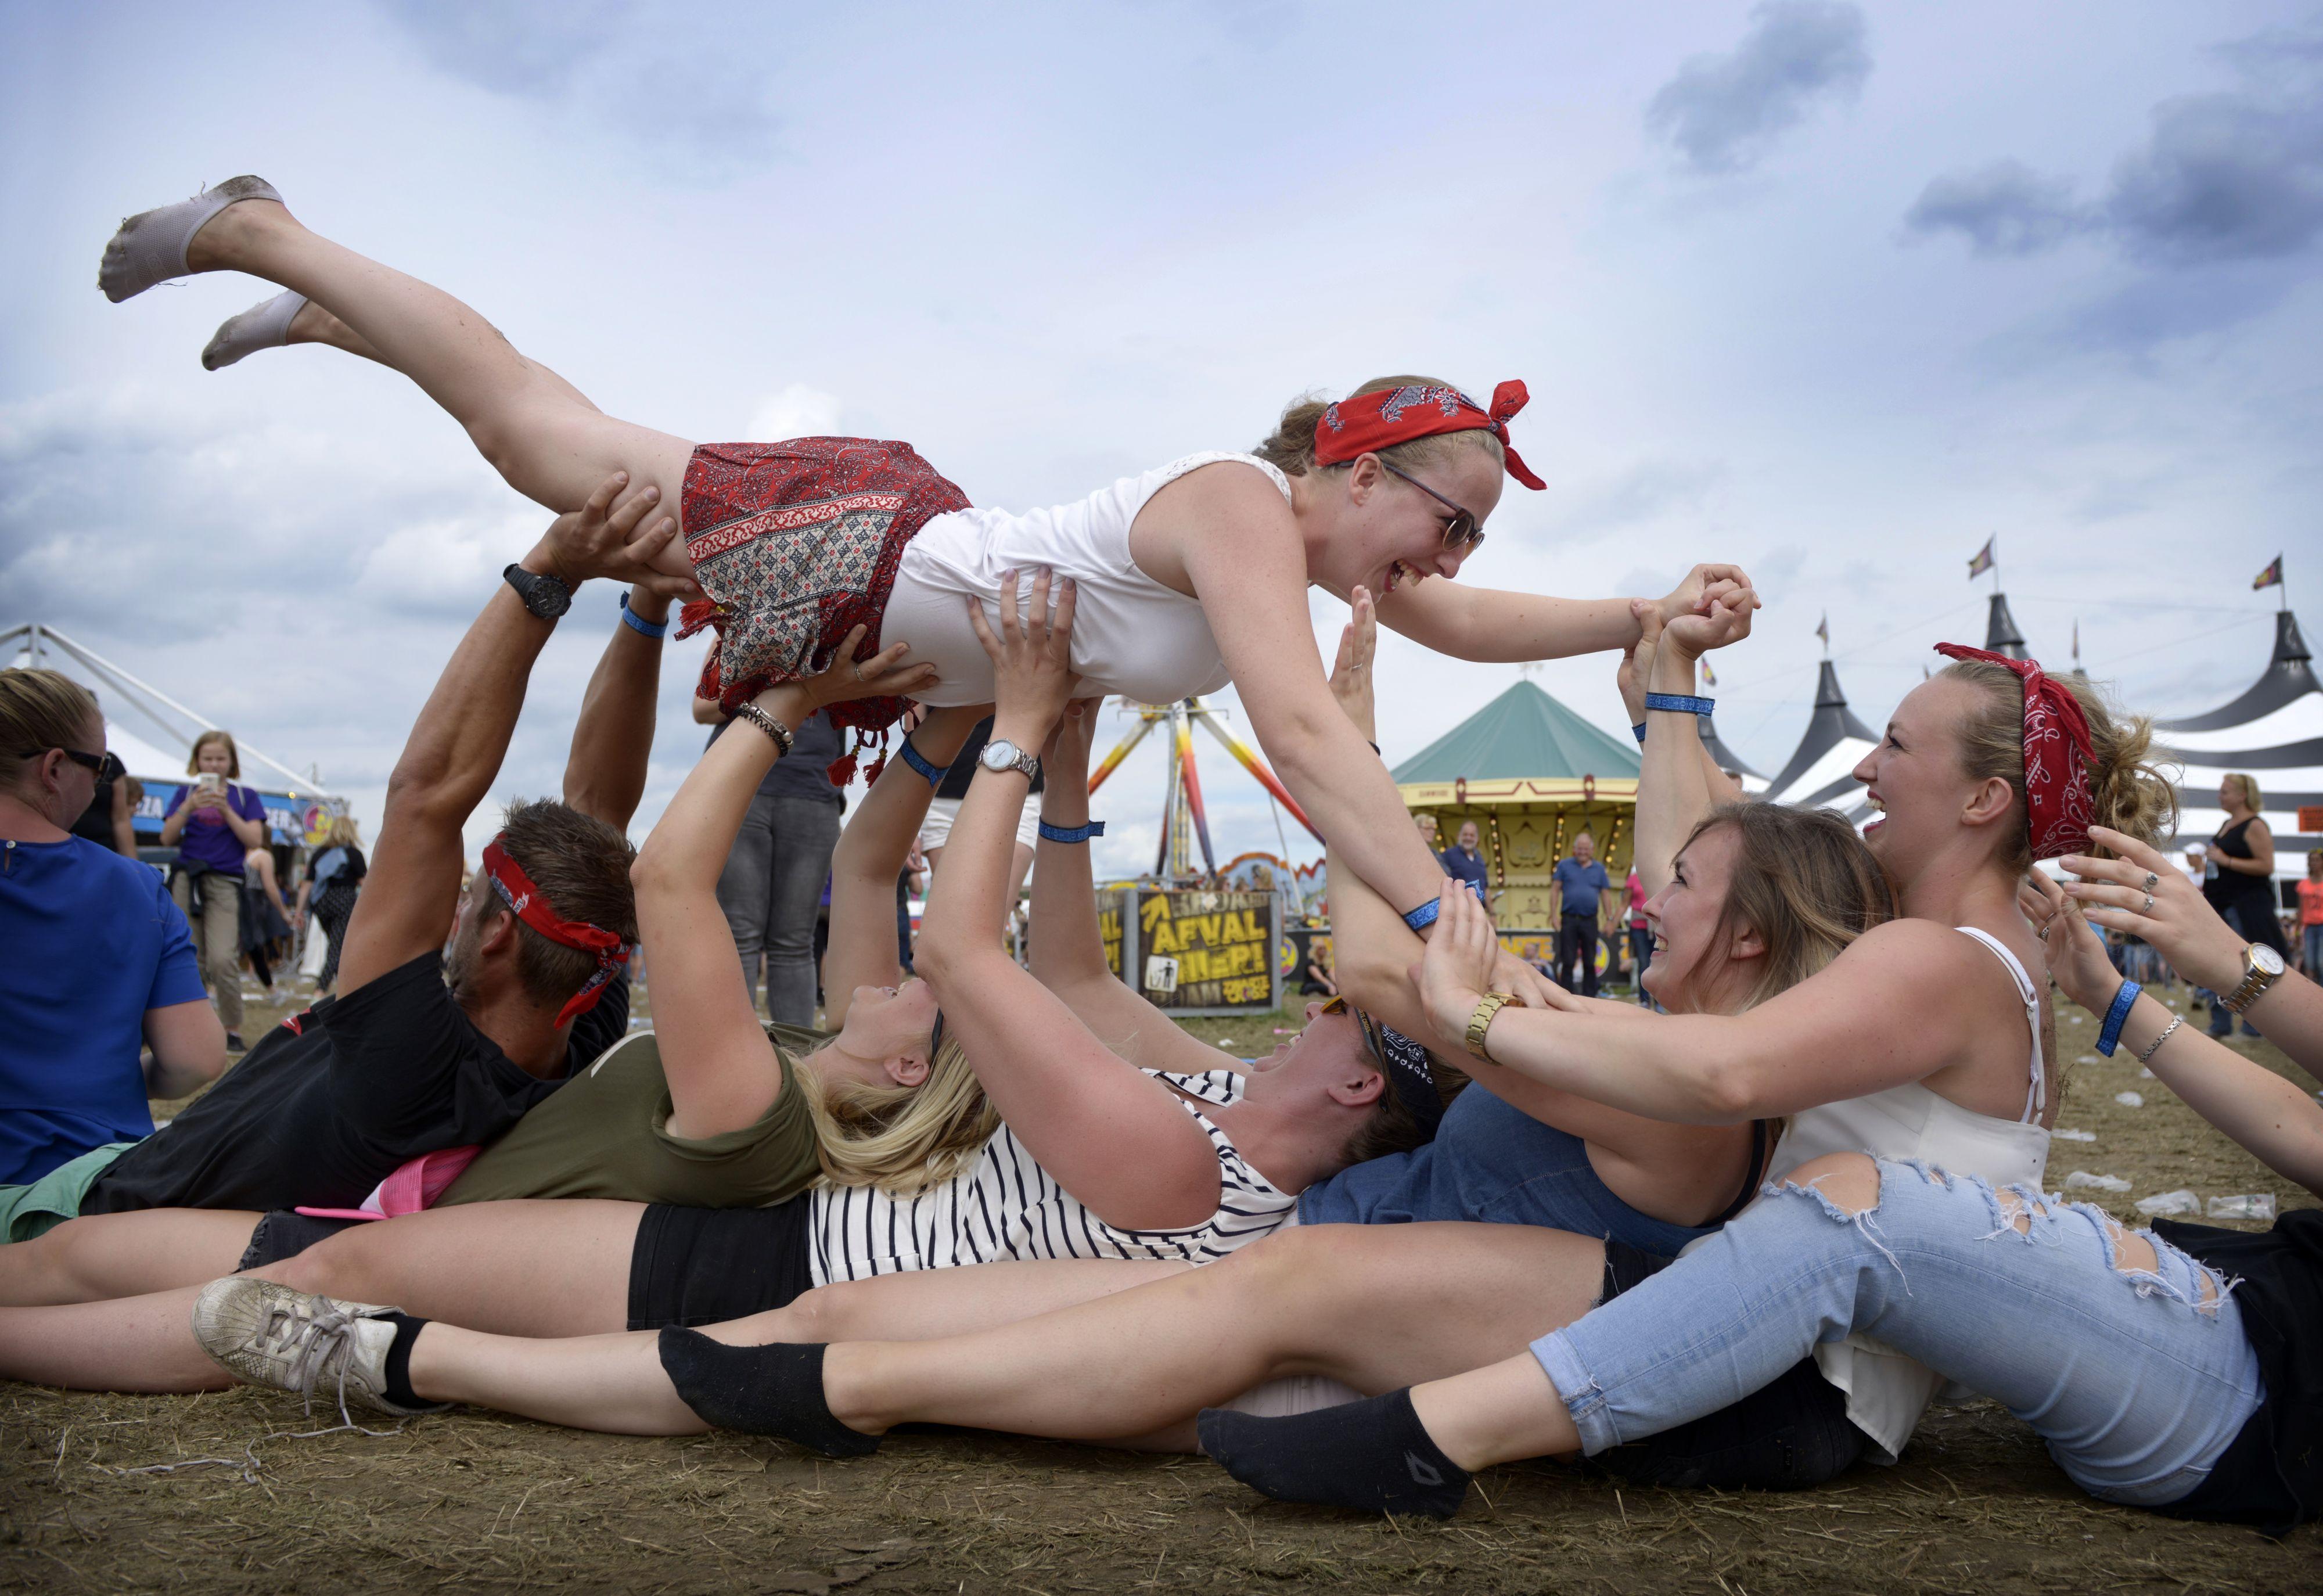 Metrolezer gaat voor totaalbeleving op festivals